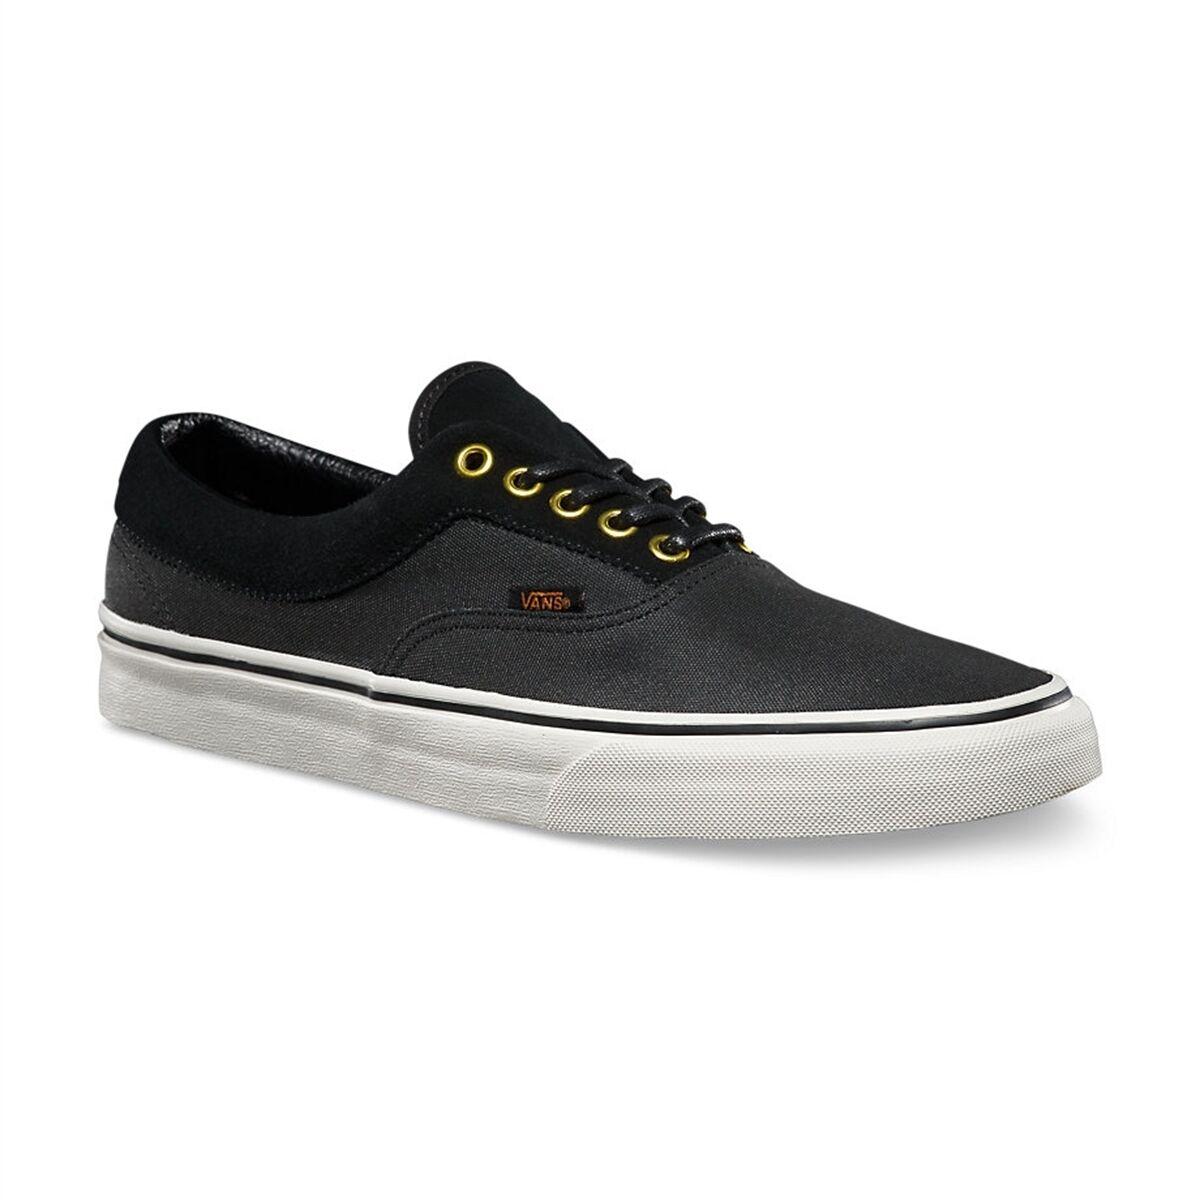 Vans Era 46 Tec Tuff Skate Chaussures hommes Dirt Resistant Sneakers Vans Skateboarding